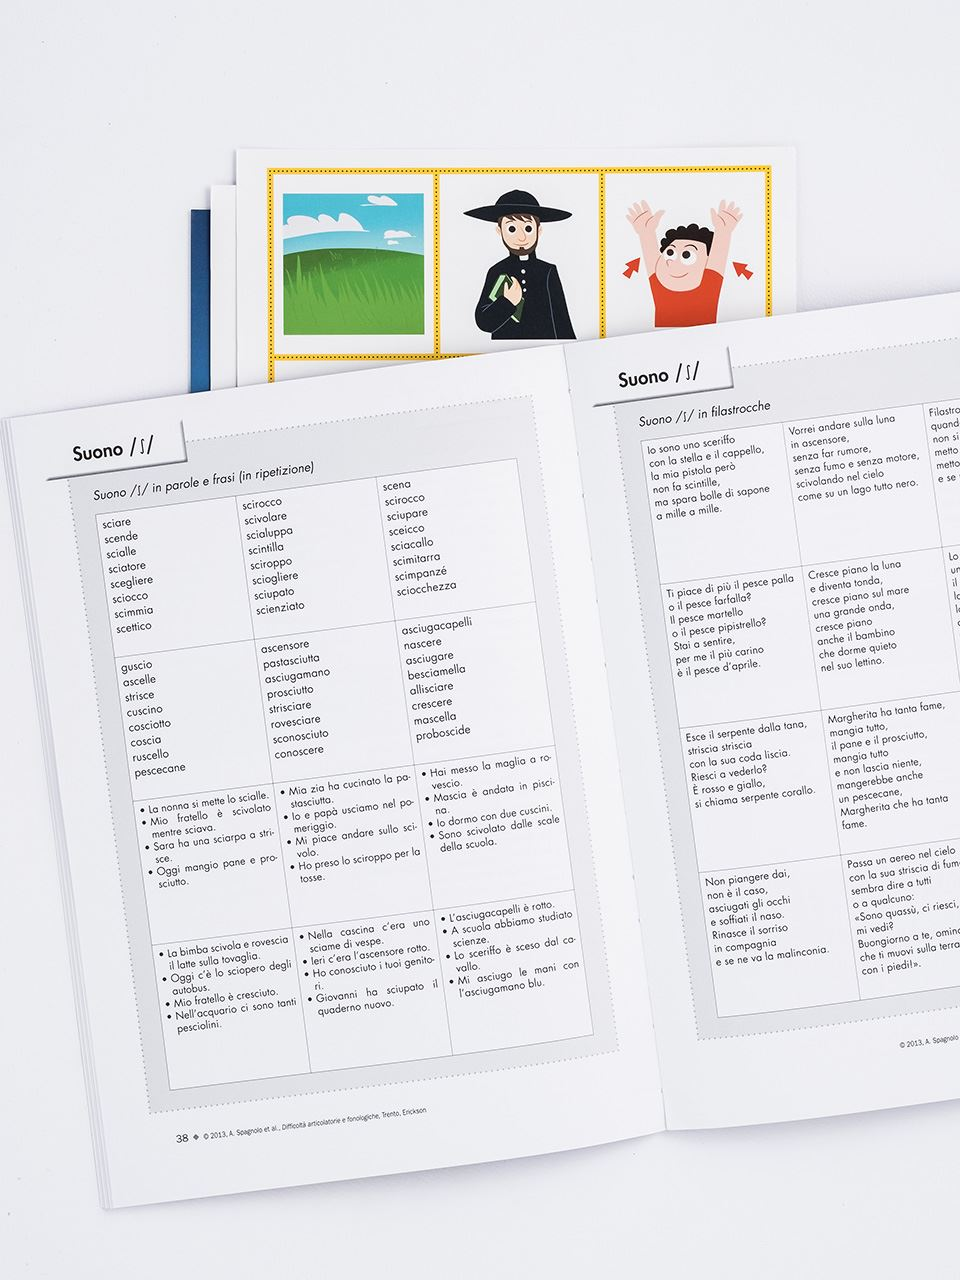 Difficoltà articolatorie e fonologiche - Libri - App e software - Erickson 2